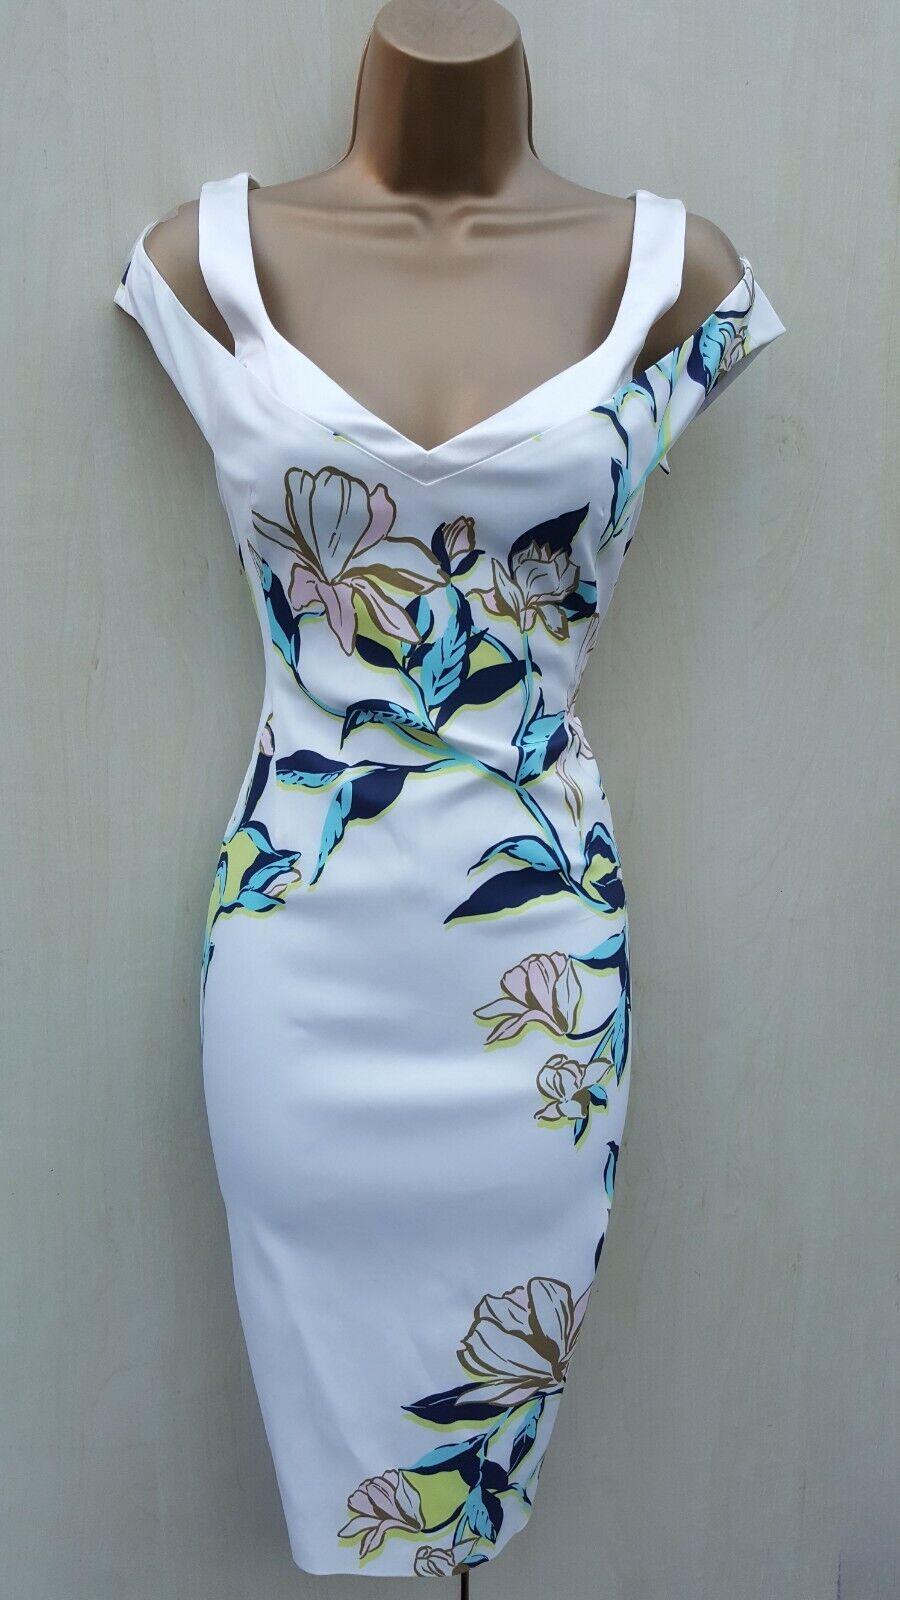 Size 12 UK Karen Millen Aqua Floral Print Off The Shoulder Bardot Pencil Dress